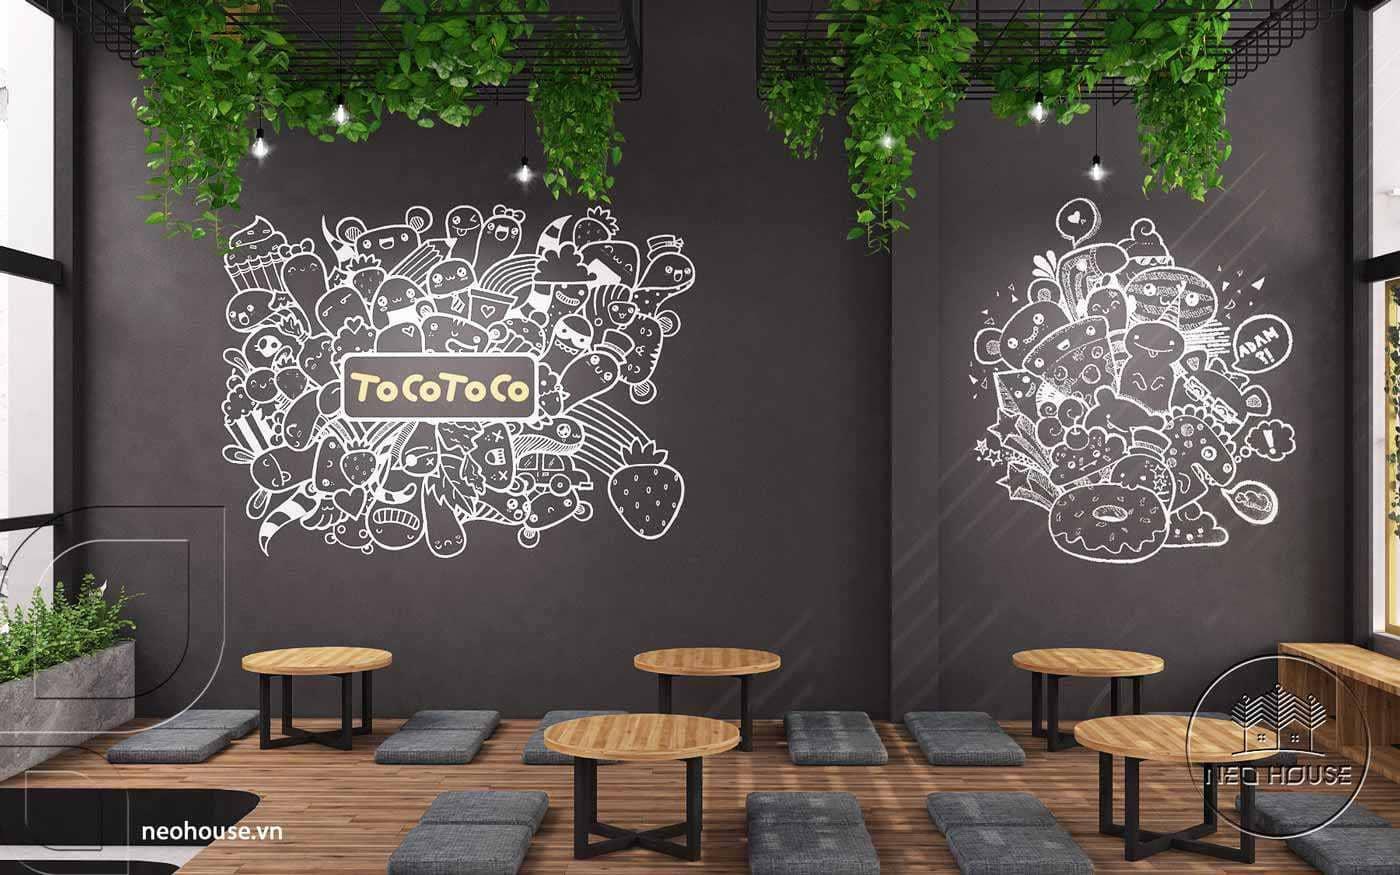 Thiết kế nội thất trà sữa TocoToco